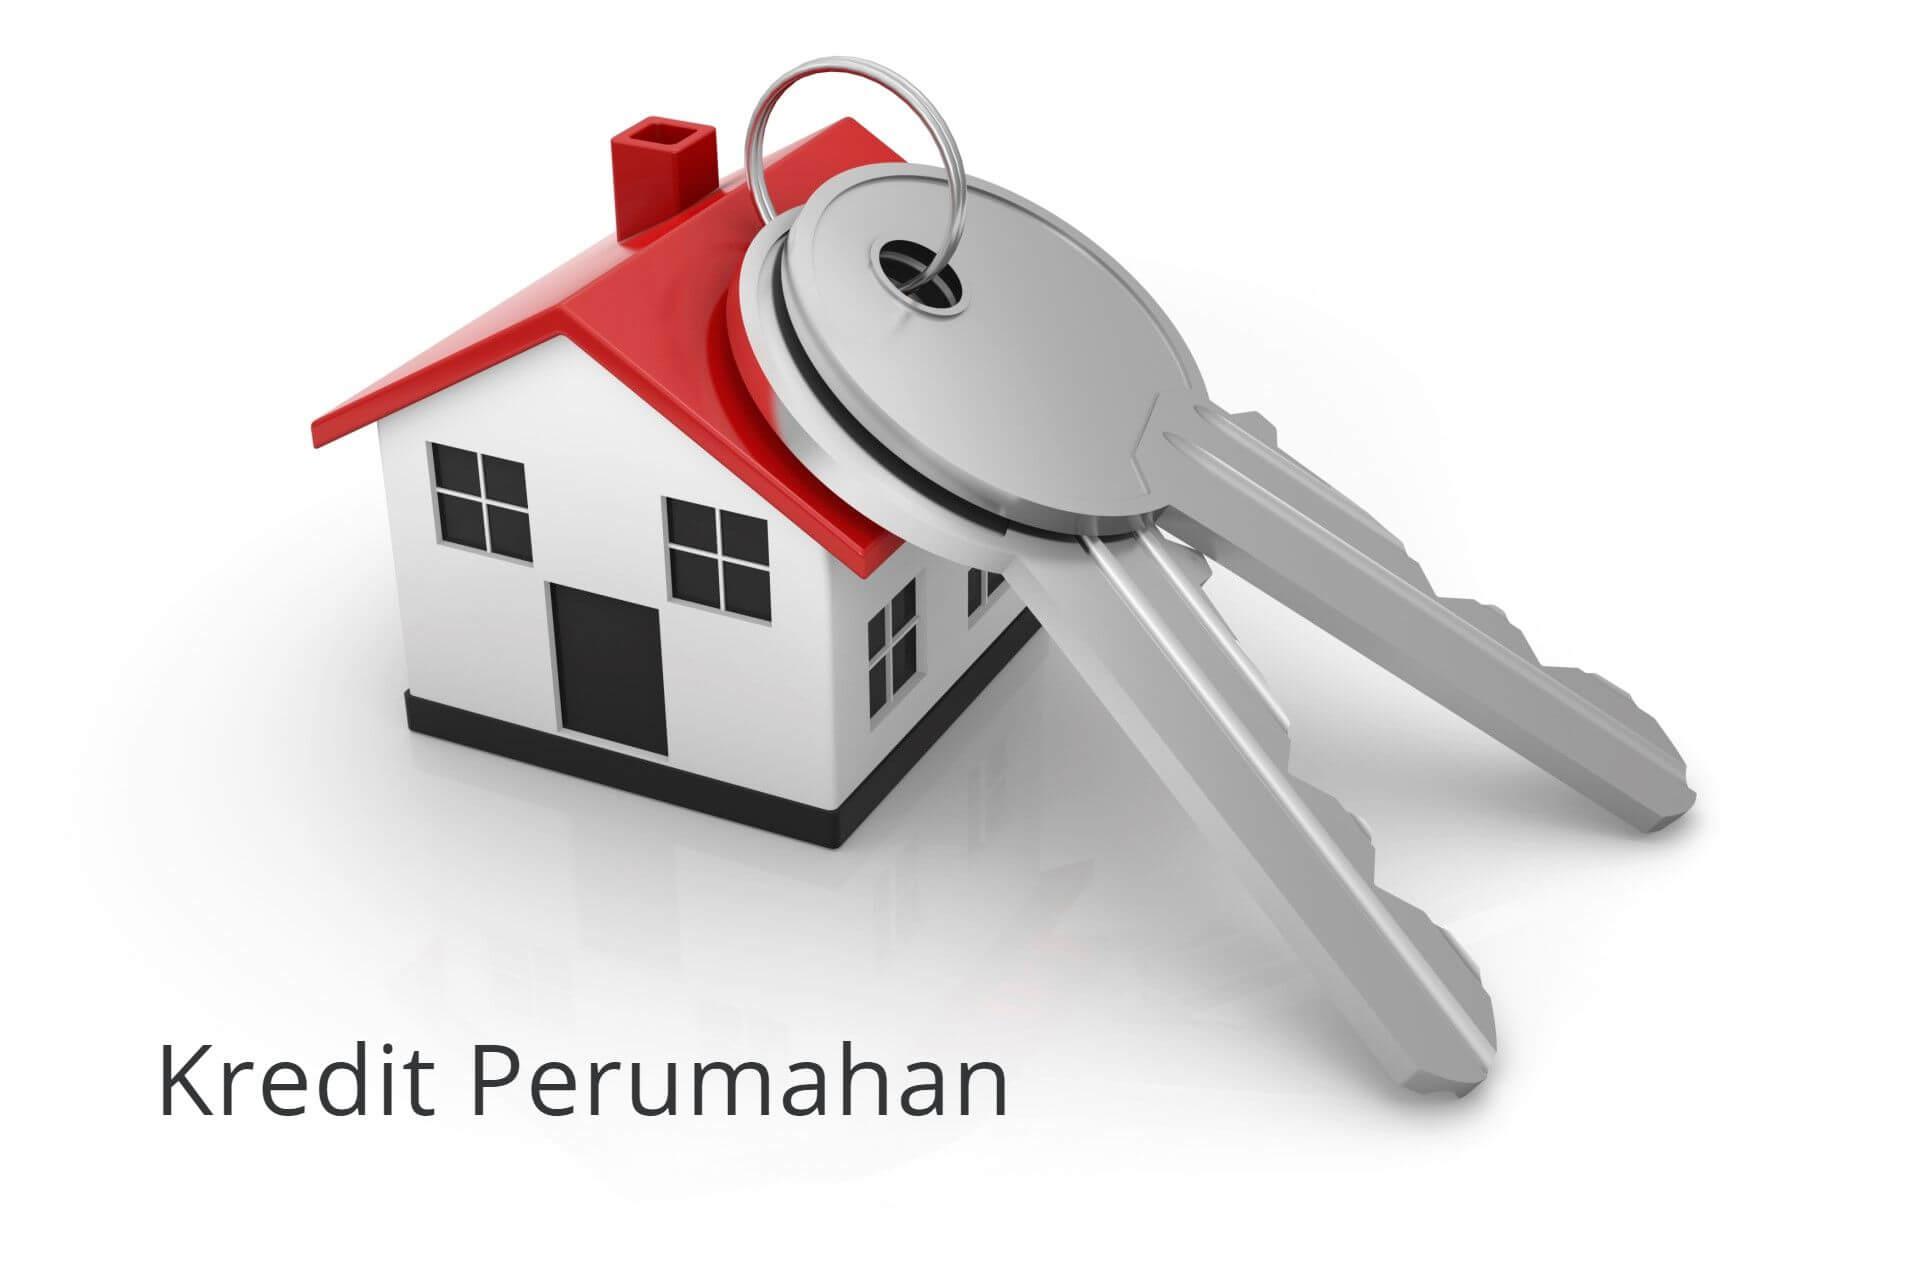 Kredit Perumahan atau Kredit Perumahan BRI dengan cicilan perumahan subsidi kpr rumah dan rumah kpr 2021